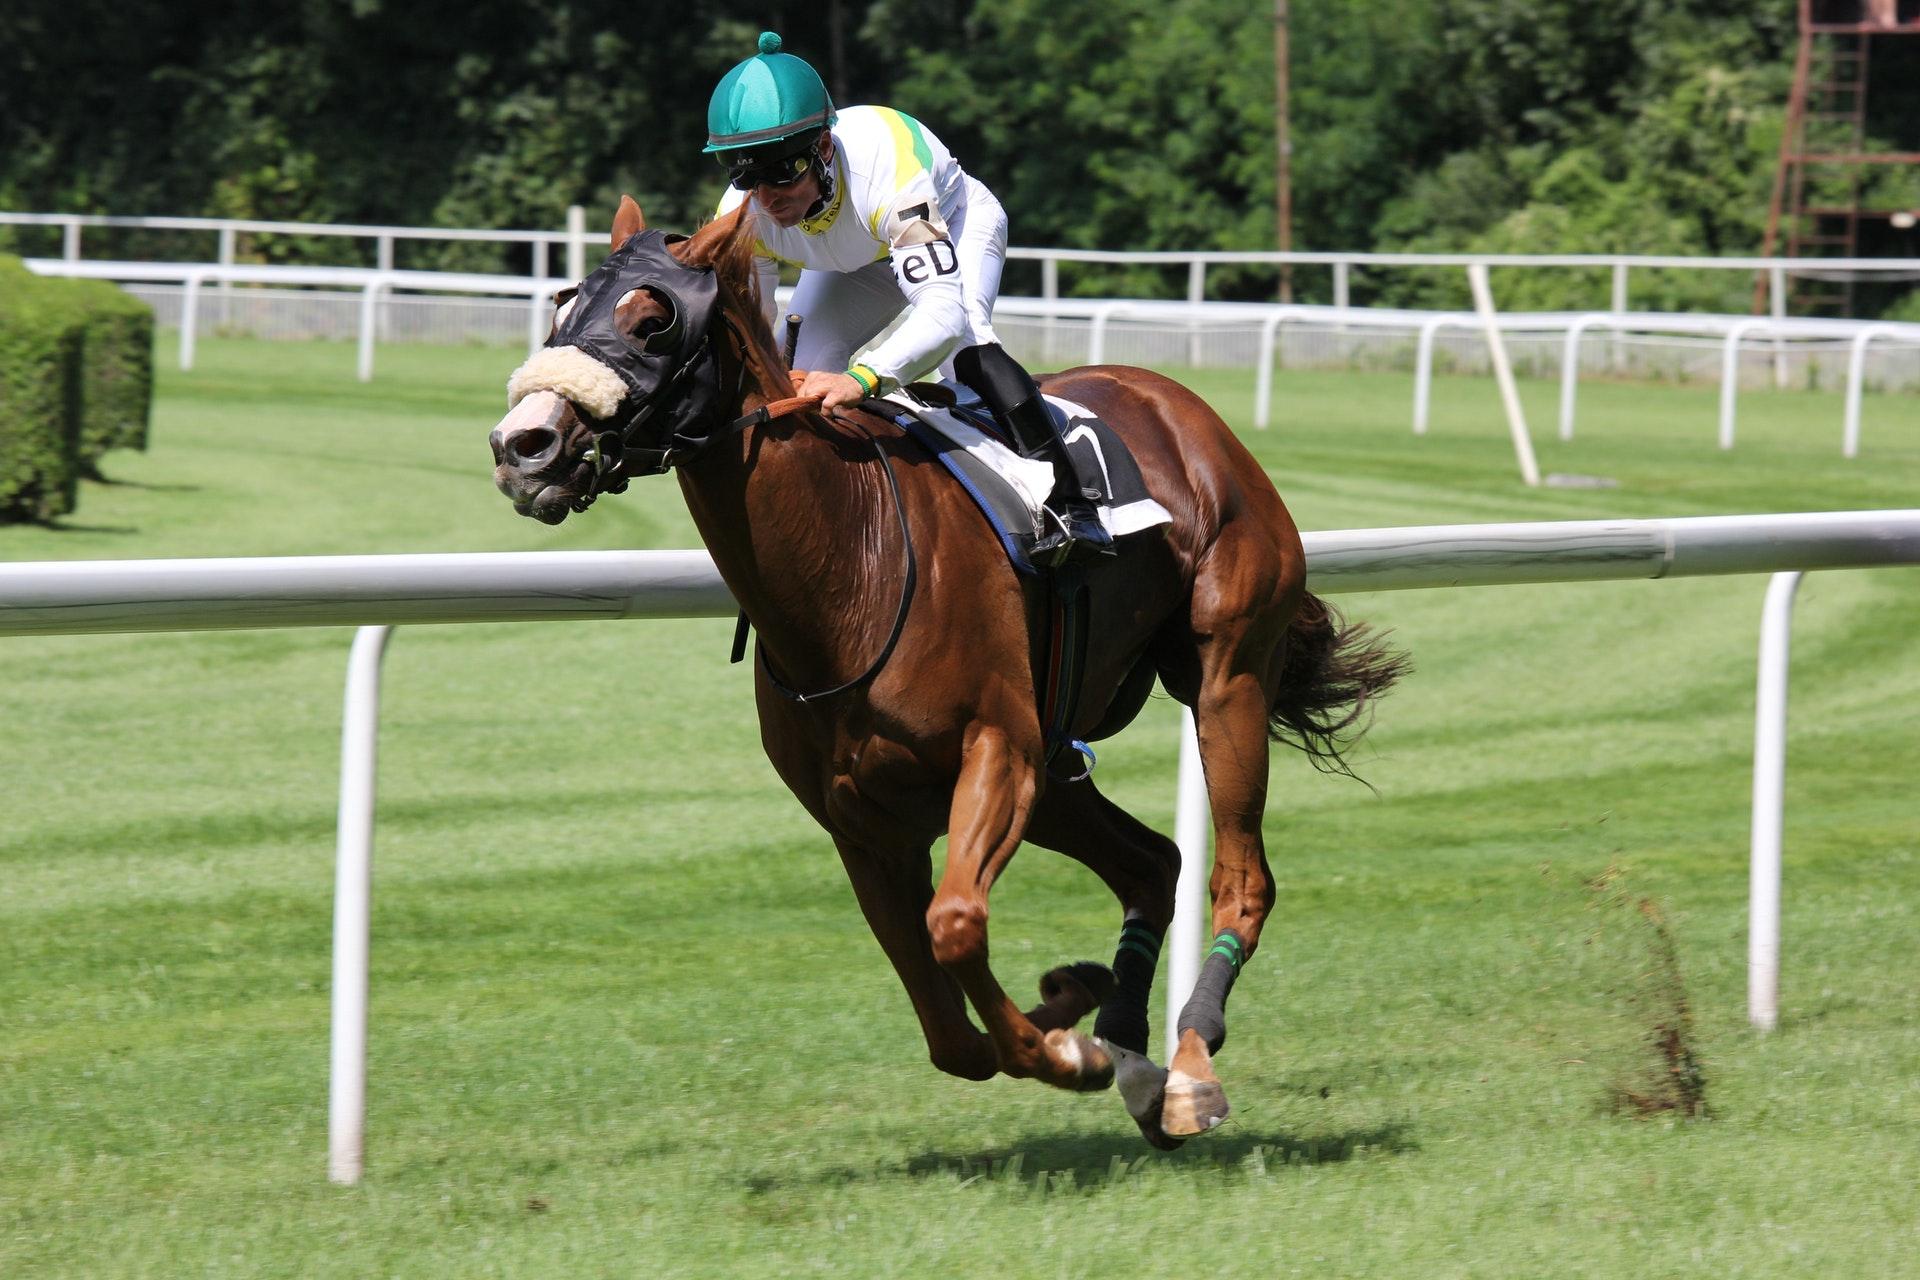 Laukkakisat hevosurheilun lajina